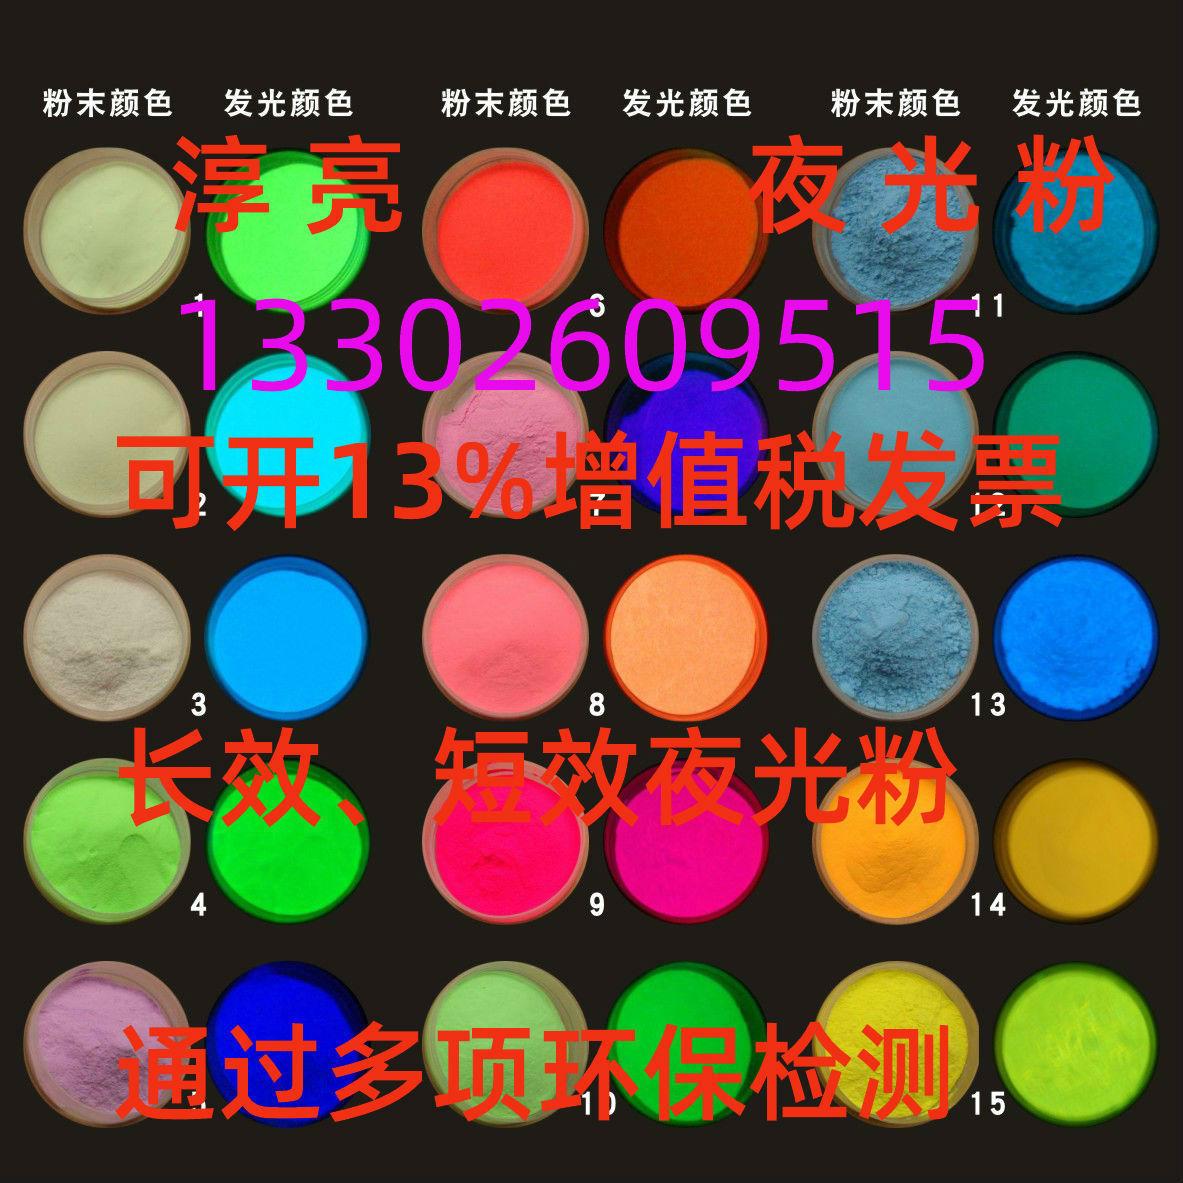 免费提供硅胶 注塑夜光粉 水油性涂料用长效夜光粉样品